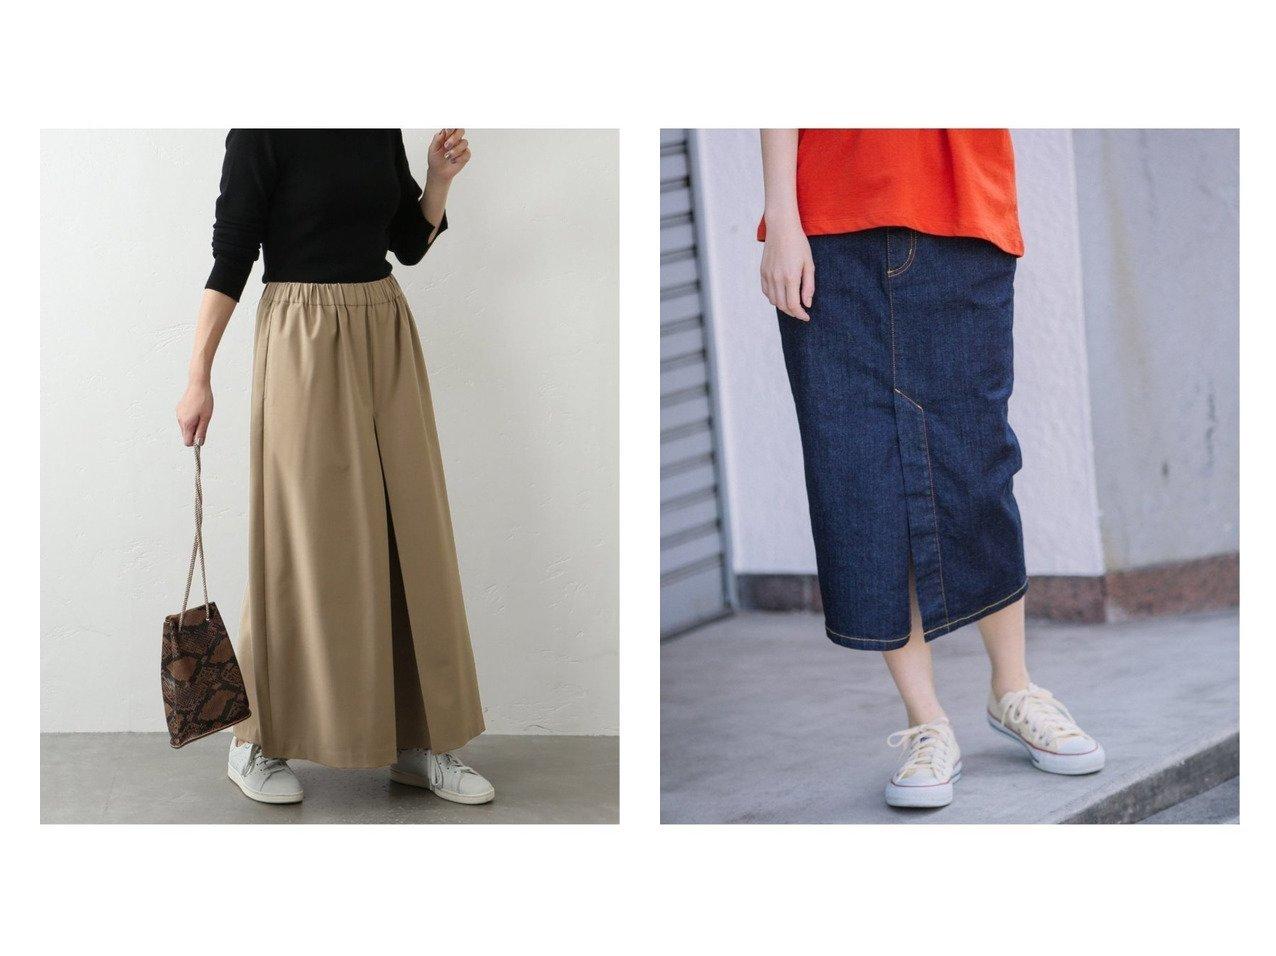 【Munich/ミューニック】のウォッシュ10.5ozハイブリッドデニム タイトスカート&【JOURNAL STANDARD/ジャーナルスタンダード】のツイル タックキュロット スカートのおすすめ!人気、レディースファッションの通販 おすすめで人気のファッション通販商品 インテリア・家具・キッズファッション・メンズファッション・レディースファッション・服の通販 founy(ファニー) https://founy.com/ ファッション Fashion レディース WOMEN スカート Skirt デニムスカート Denim Skirts 秋冬 A/W Autumn/ Winter キュロット ジーンズ ツイル ワイド 春 ウォッシュ コンパクト 今季 ストレッチ スリット タイトスカート デニム ミモレ  ID:crp329100000001549